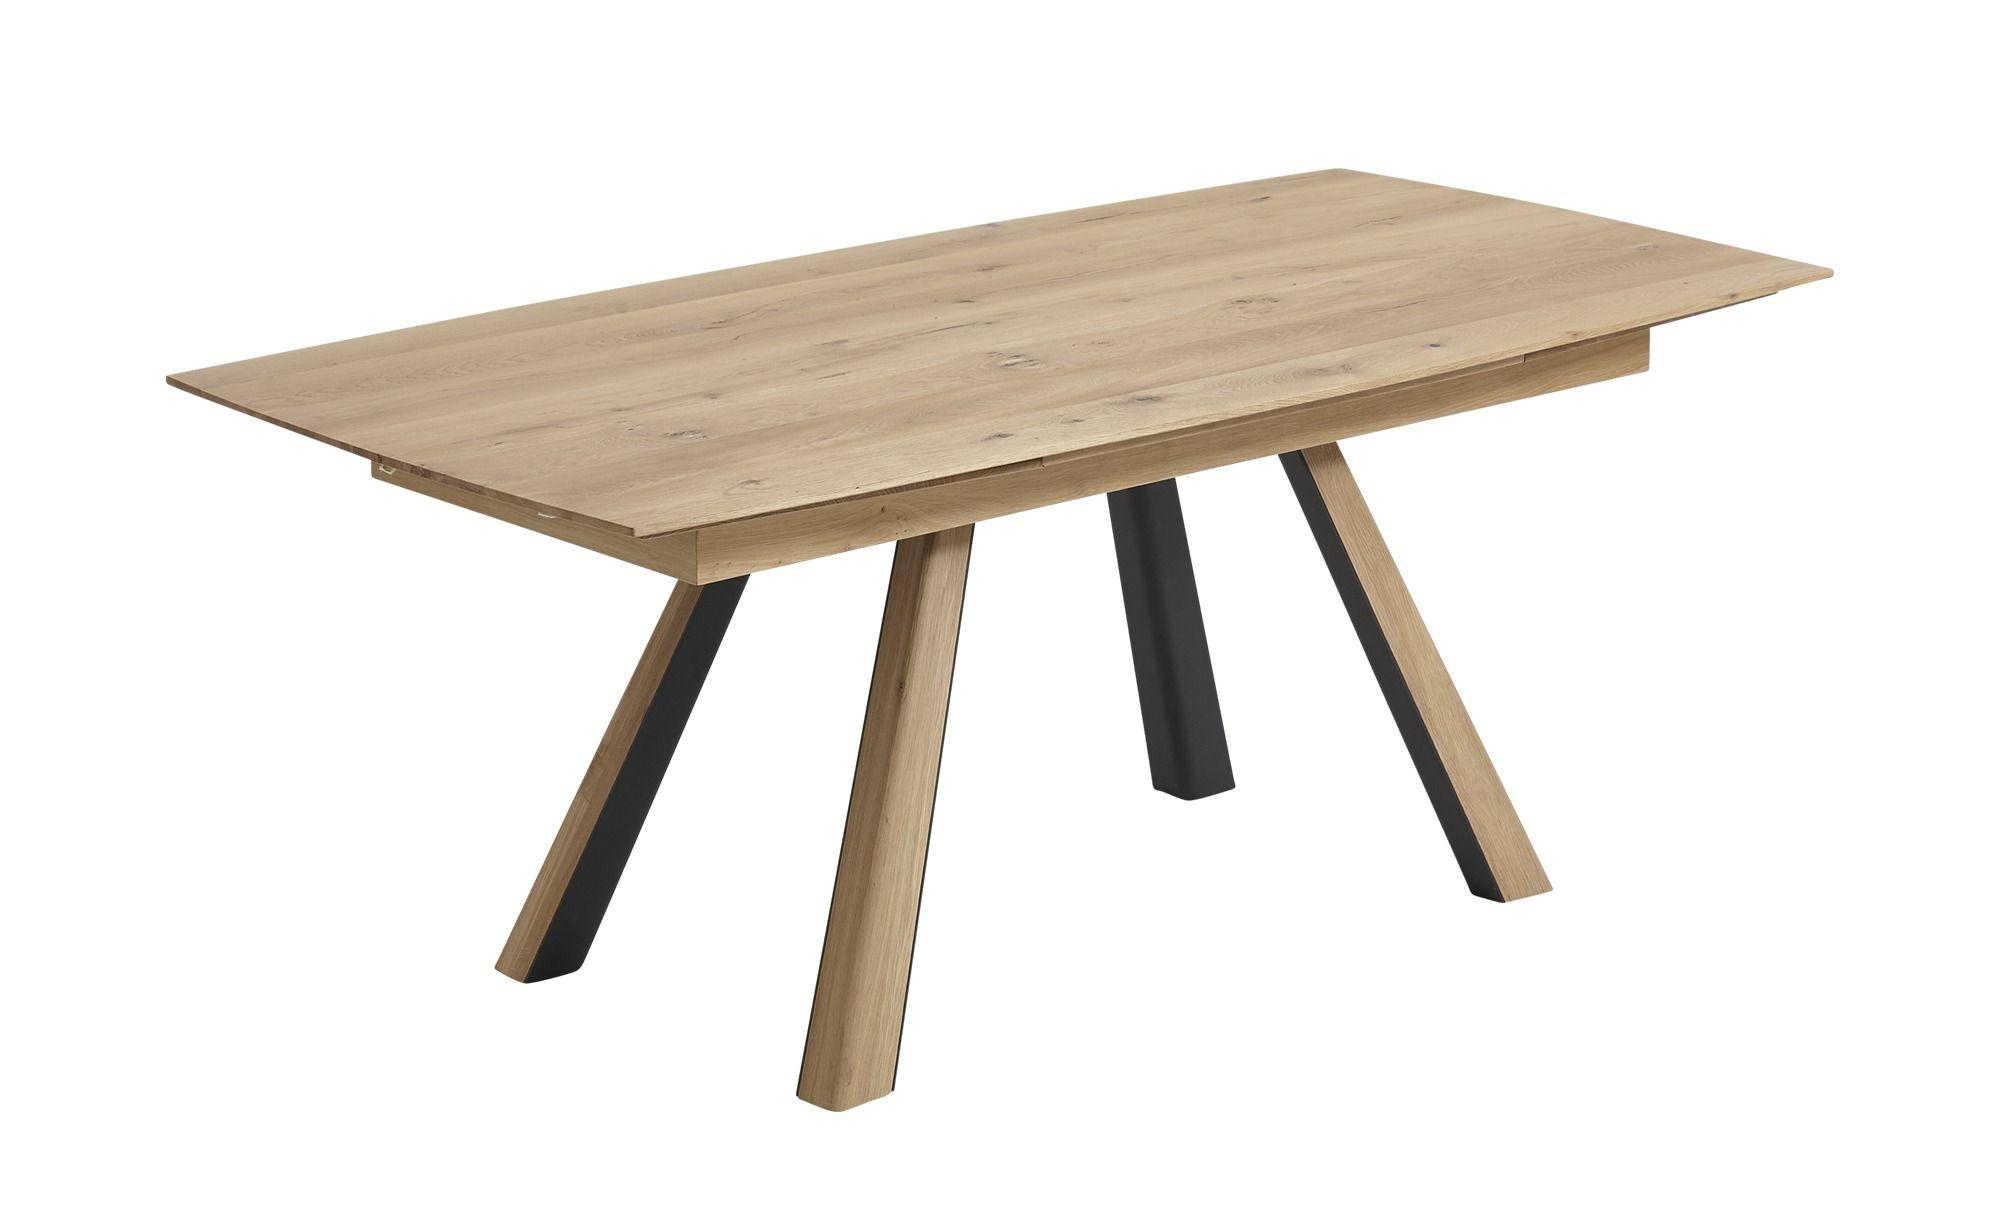 Westerburg Esstisch Ronja Holzfarben Masse Cm B 160 H 76 T 95 Tische Kuchentische Hoffner Jetzt Bestellen Unter Https Esstisch Kuche Tisch Tisch